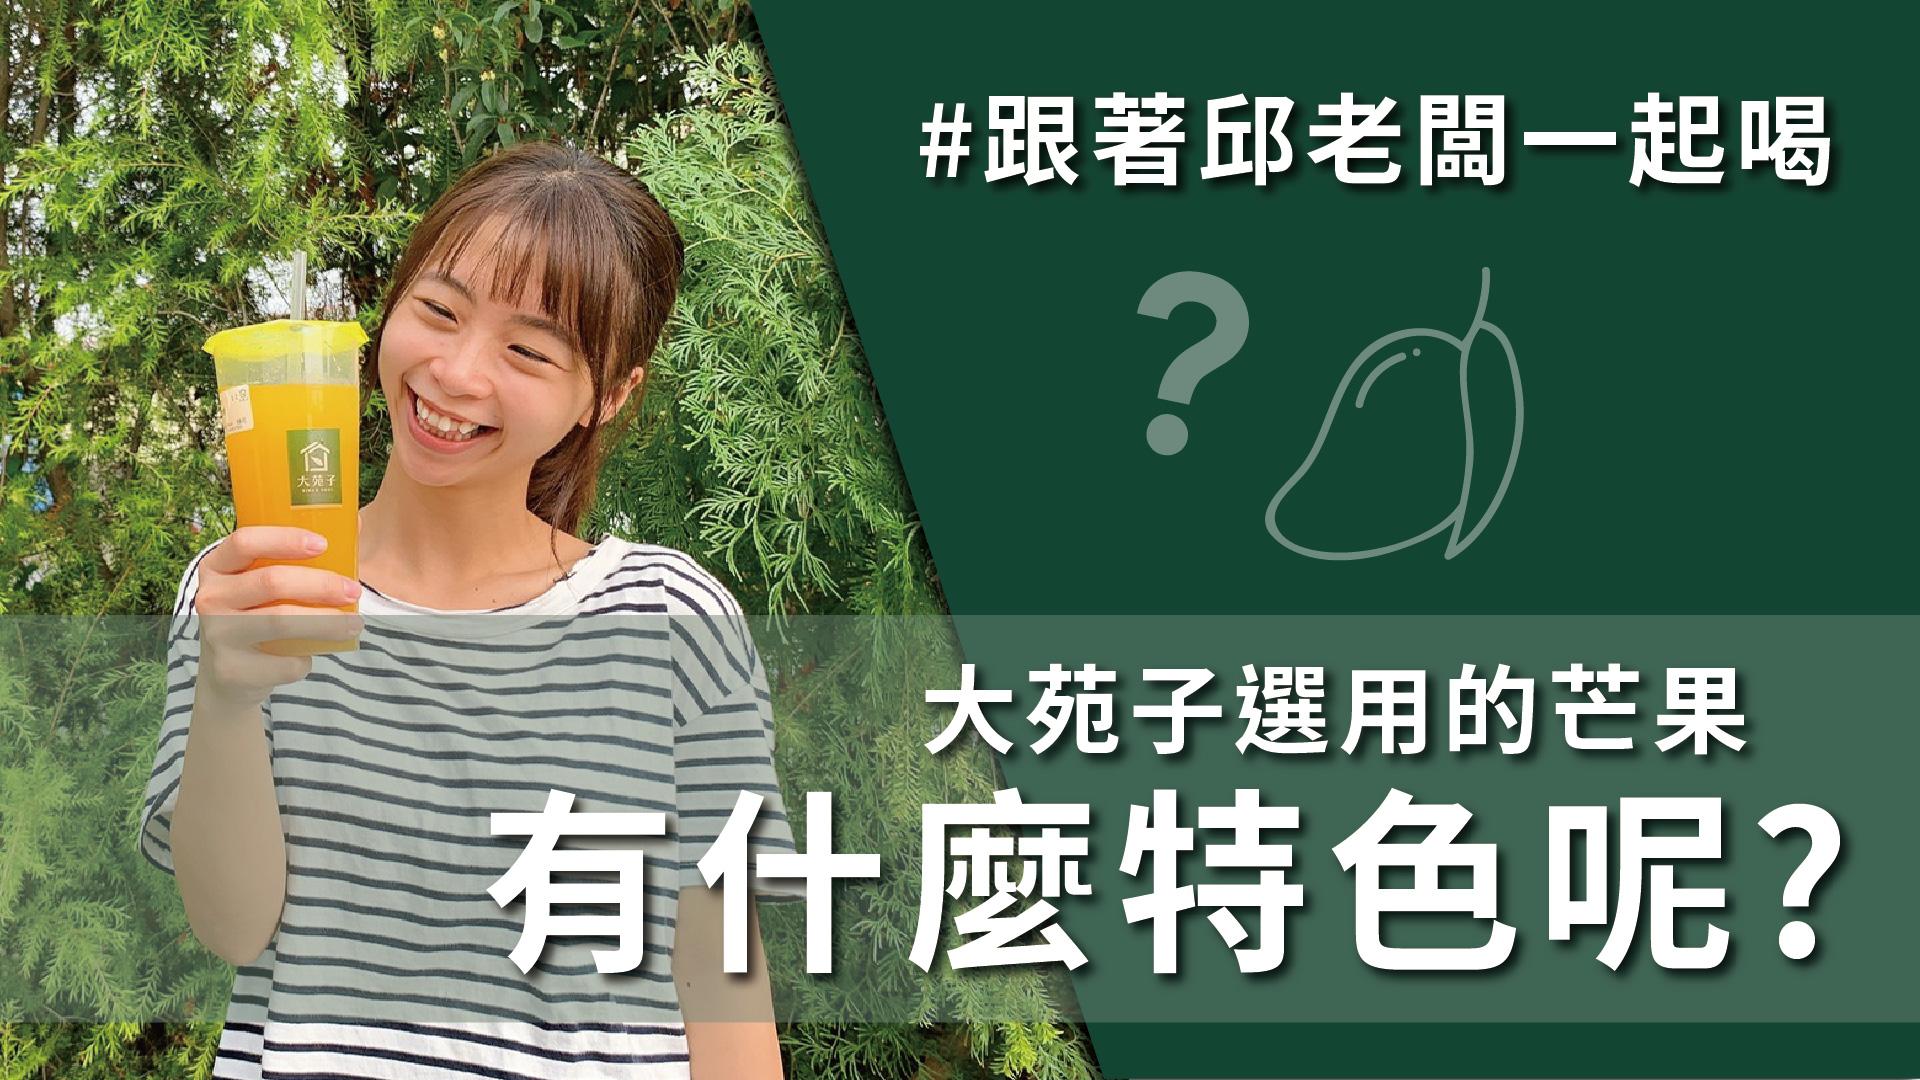 愛文翡翠-選用屏東在欉紅愛文芒果,是今夏絕不能錯過的飲品! #4月5日 #DAY204